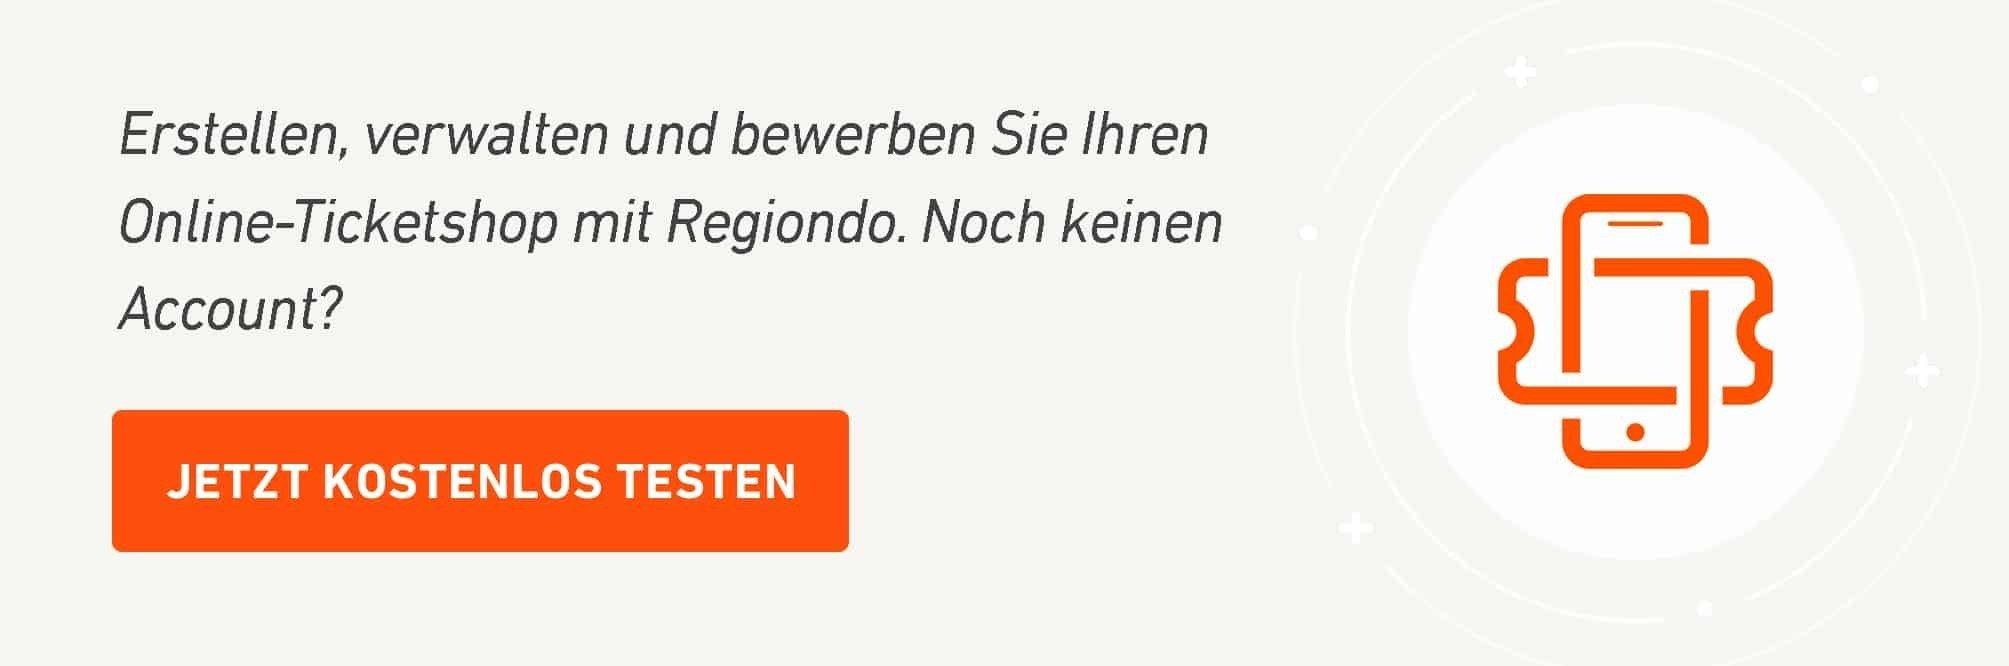 Release Notes 2018 März Regiondo kostenloser Account